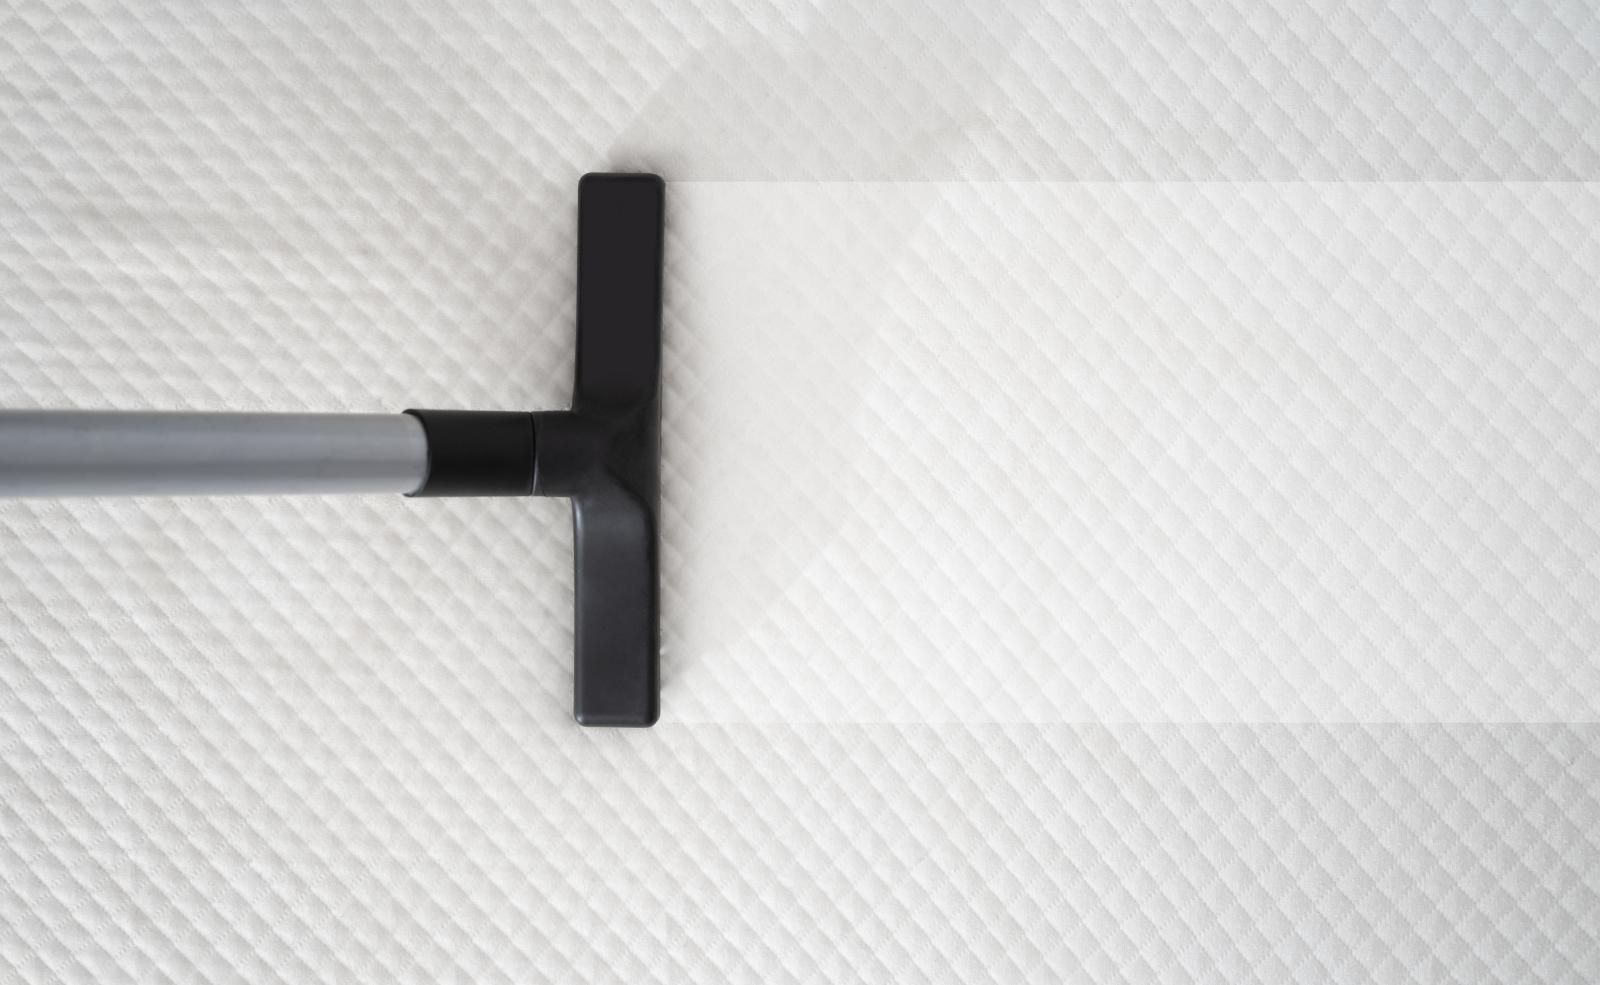 Für gröbere oder großflächige Flächen kann ein Nasssauger verwendet werden.